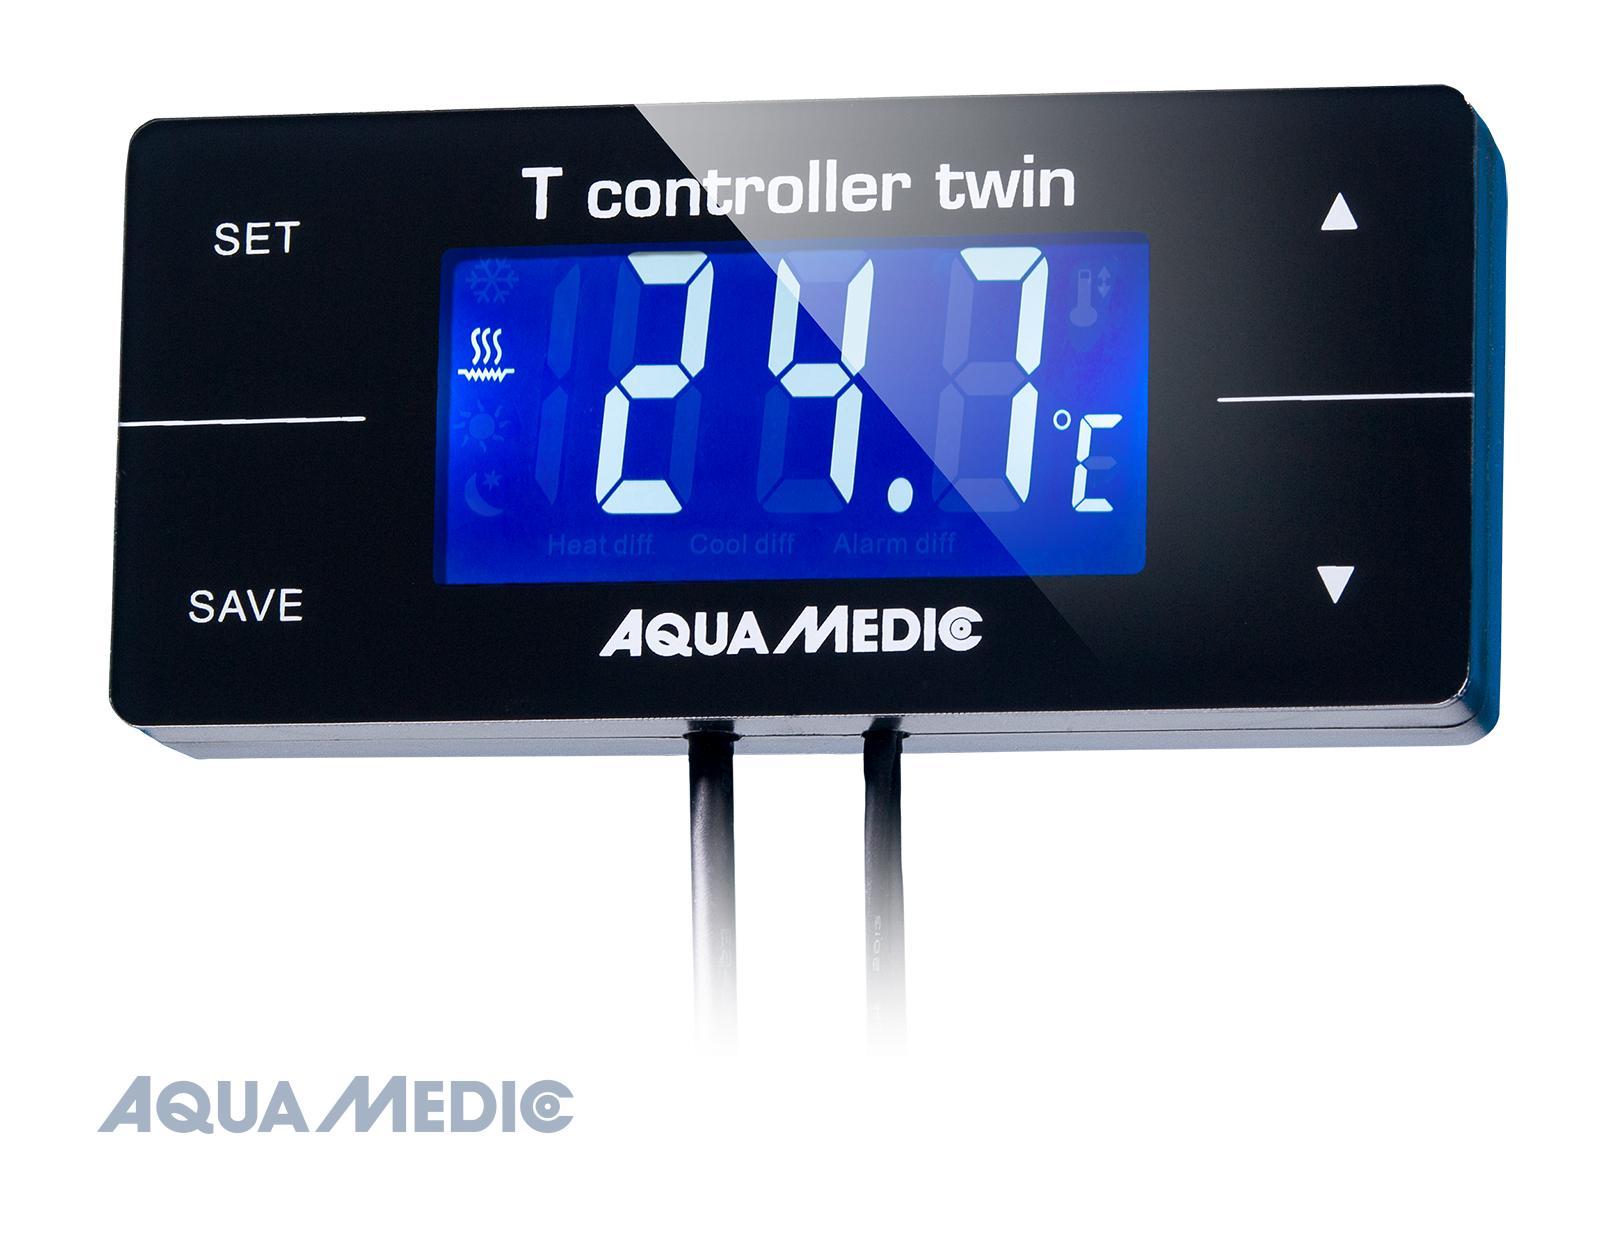 T controller twin - Digitales Temperatur Mess- und Regelgerät zur gleichzeitigen Steuerung von Heiz-